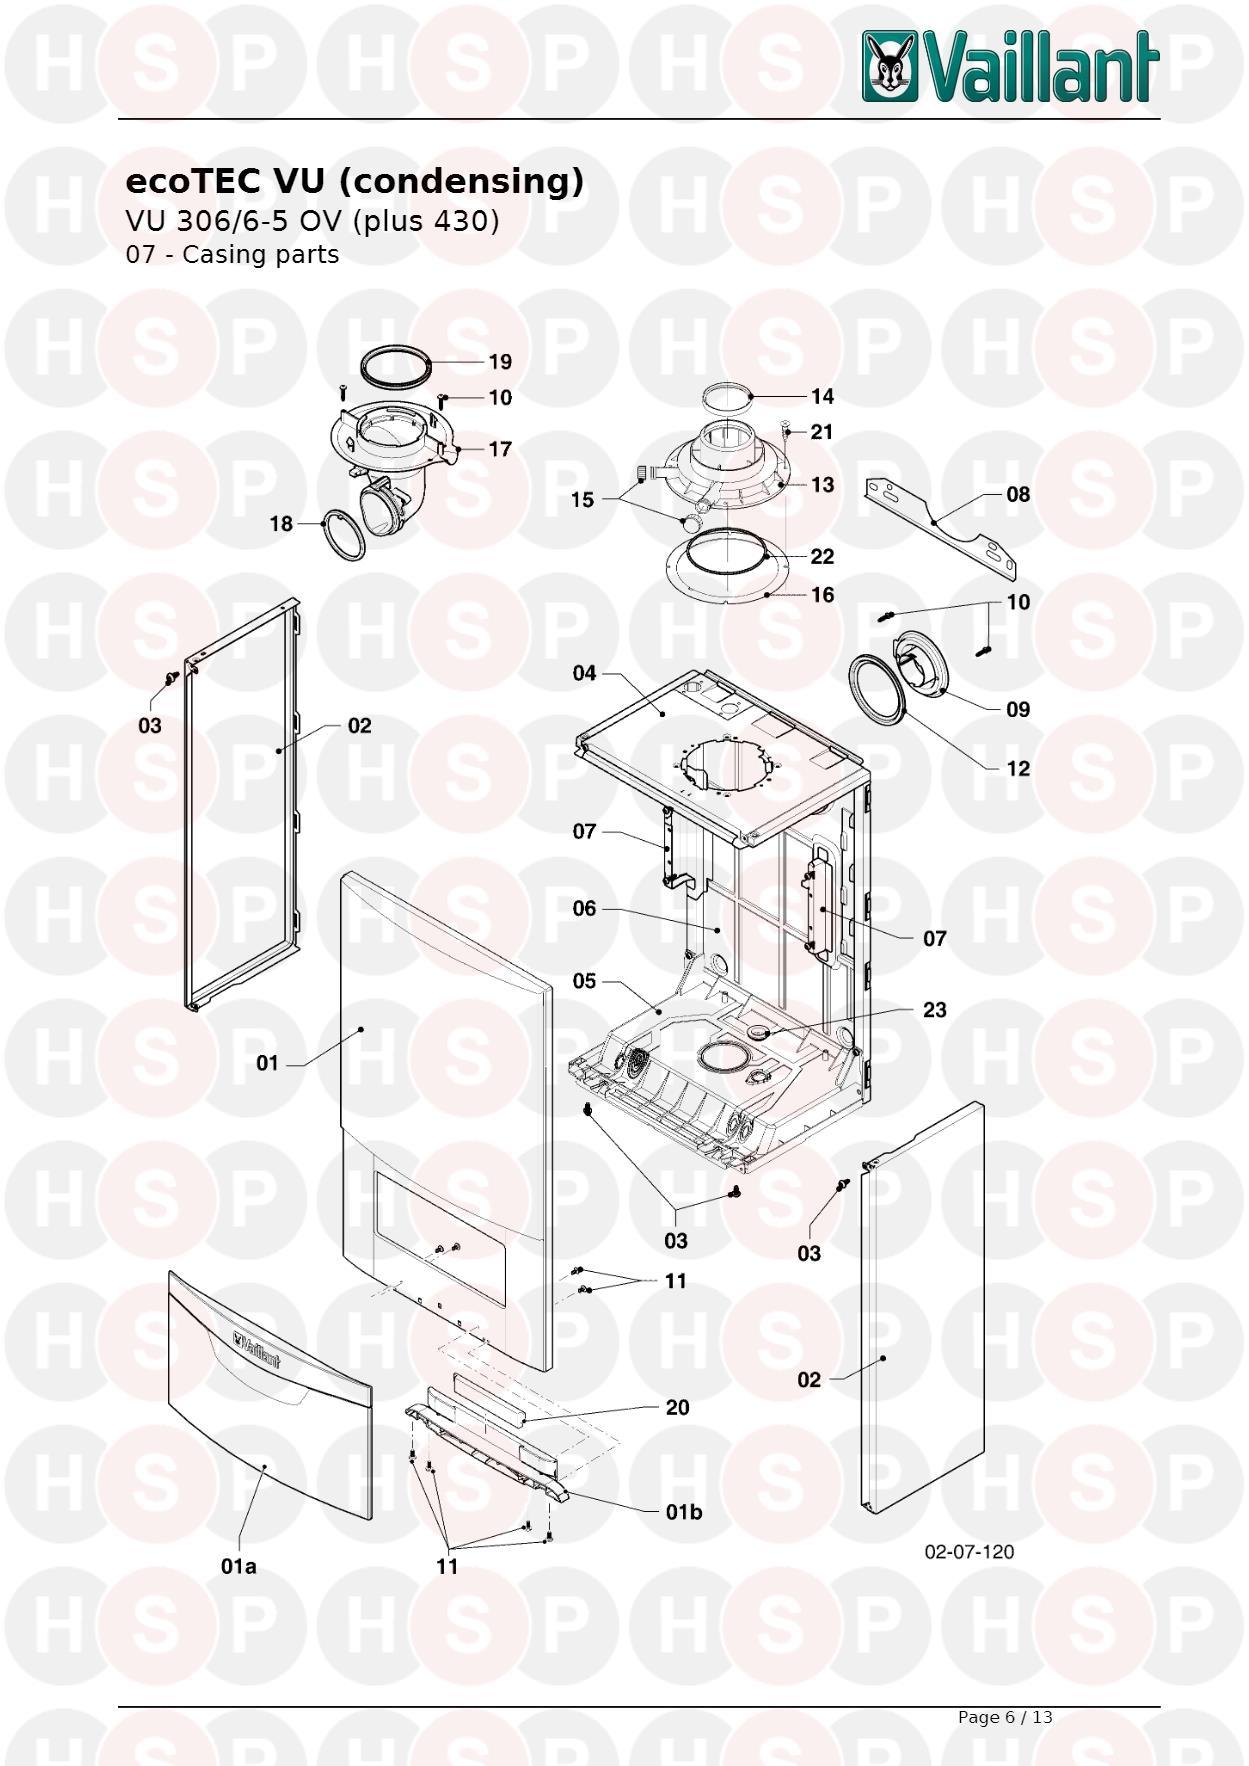 Vaillant ecotec plus 430 vu 3066 5 ov 2015 2016 07 casing parts 07 casing parts diagram for vaillant ecotec plus 430 vu 3066 5 ov cheapraybanclubmaster Images